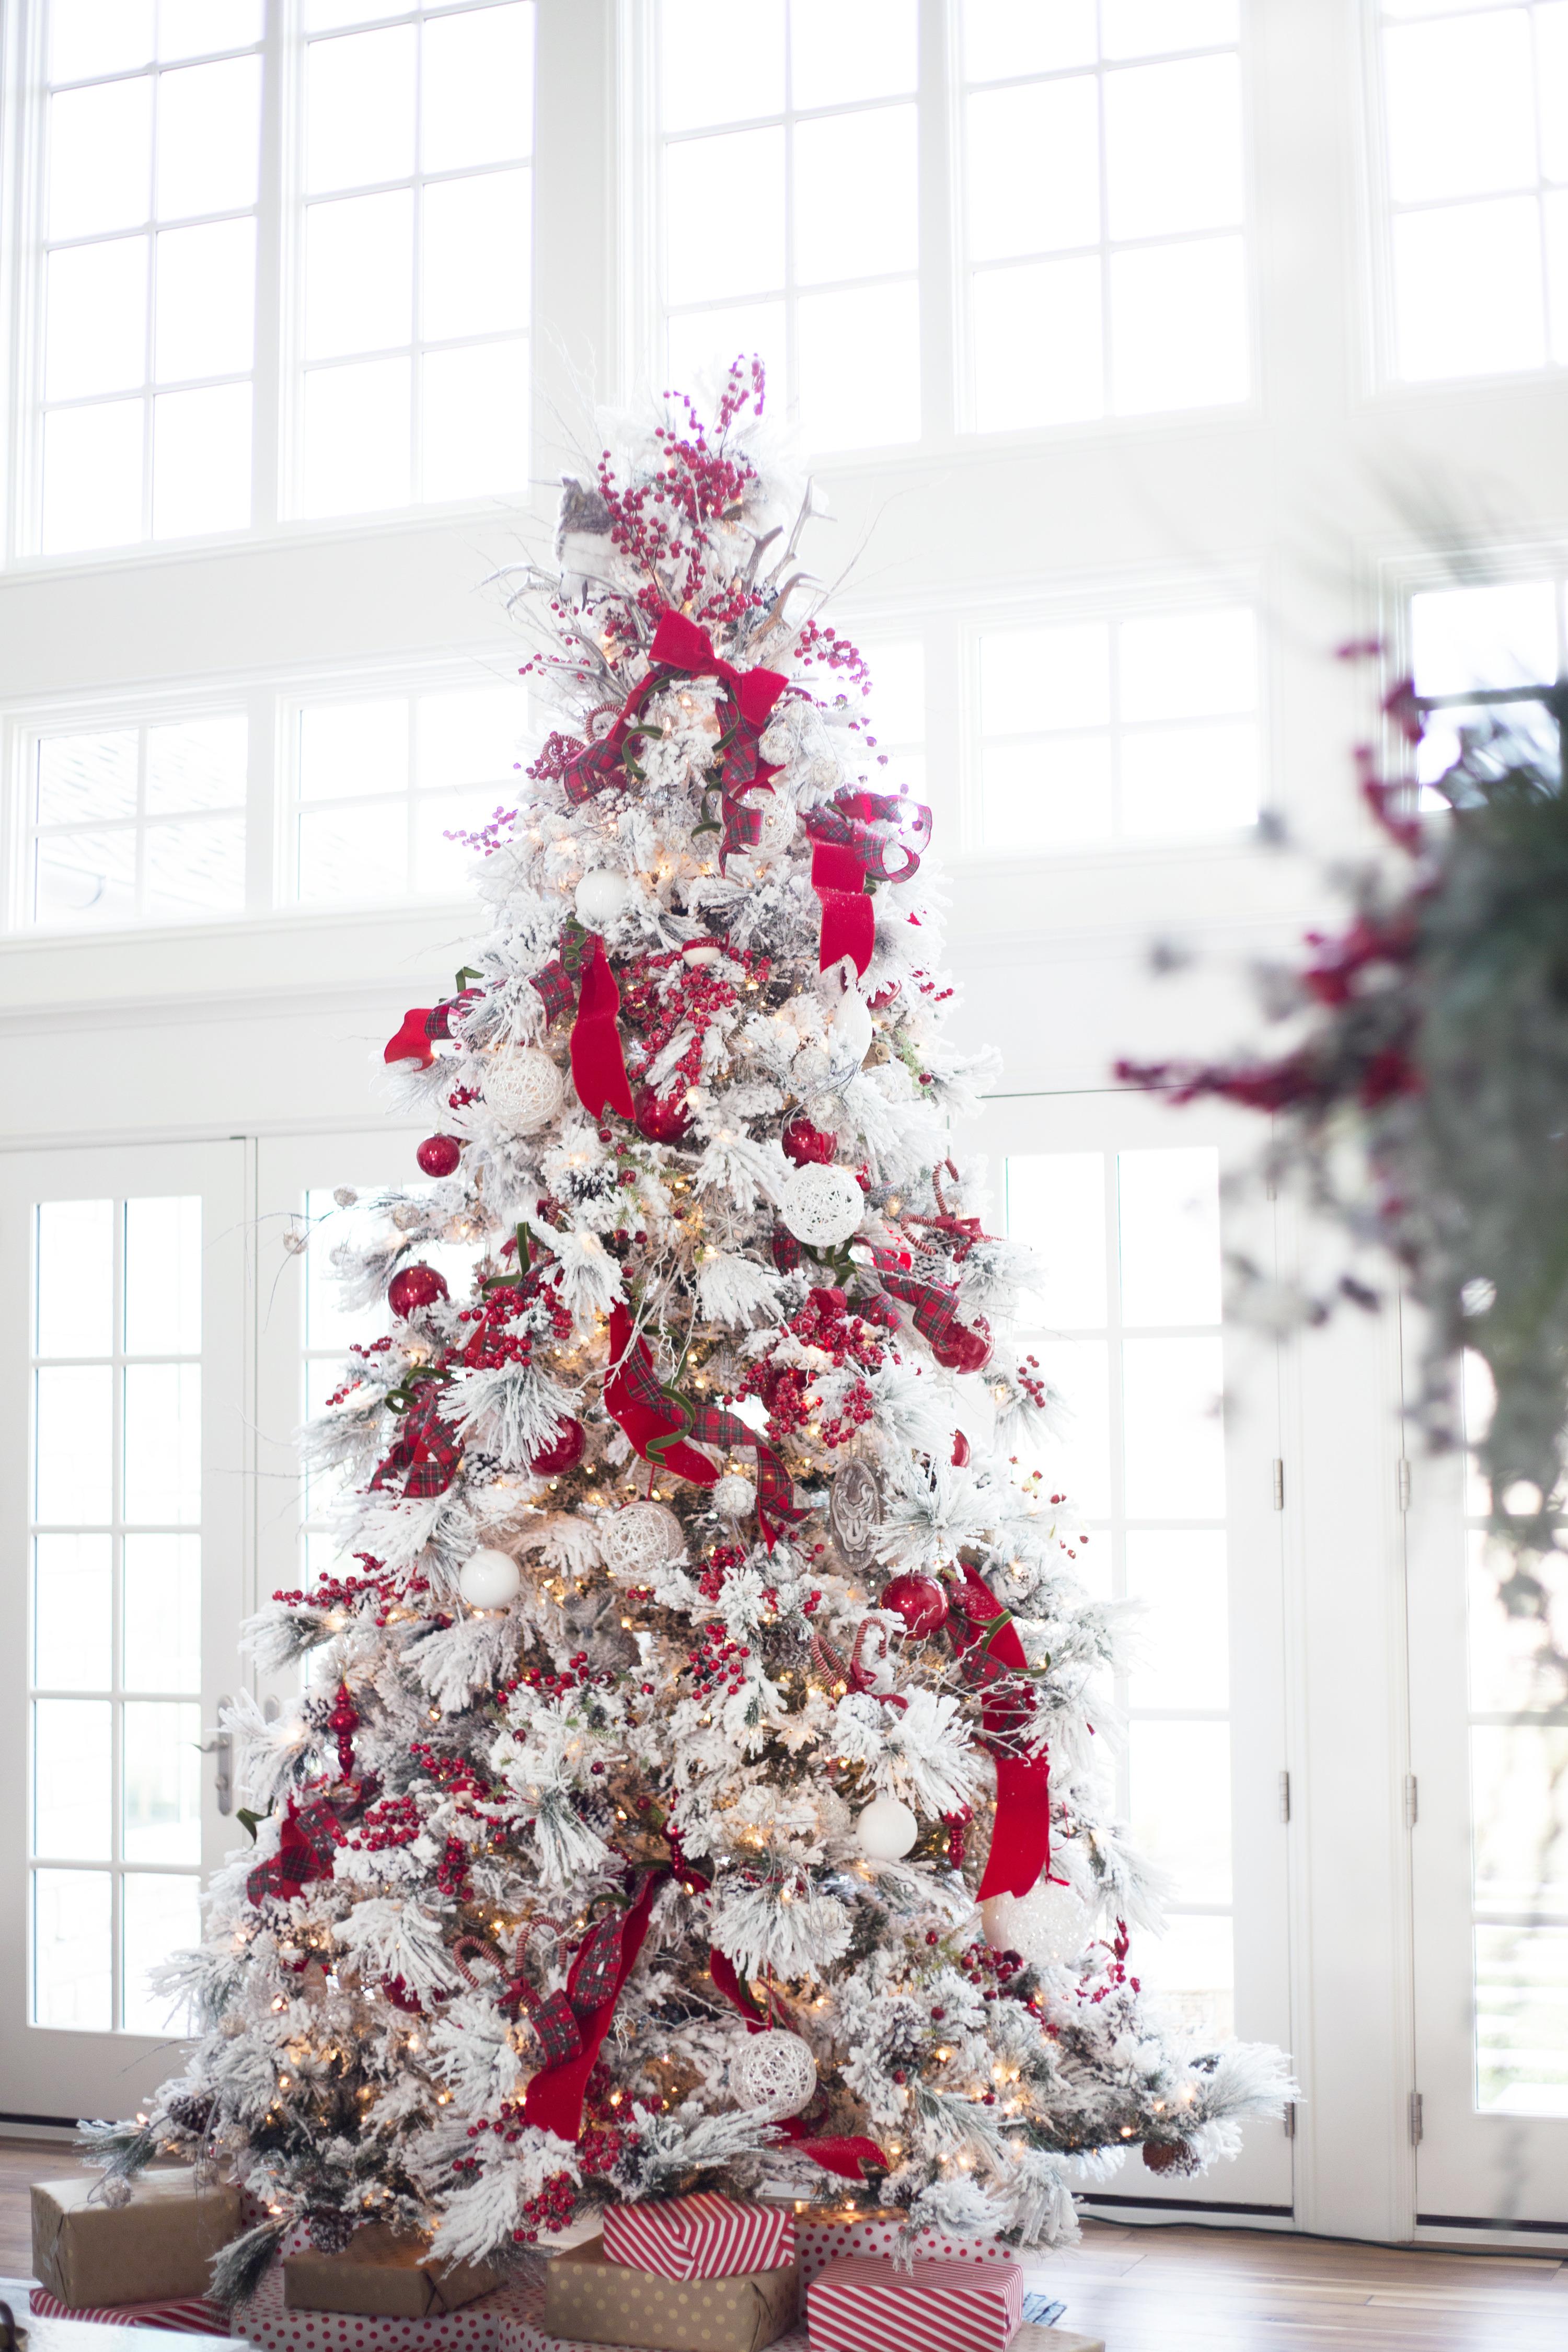 Mas de 150 fotos de decoracion para arboles de navidad - Decoracion de fotos ...